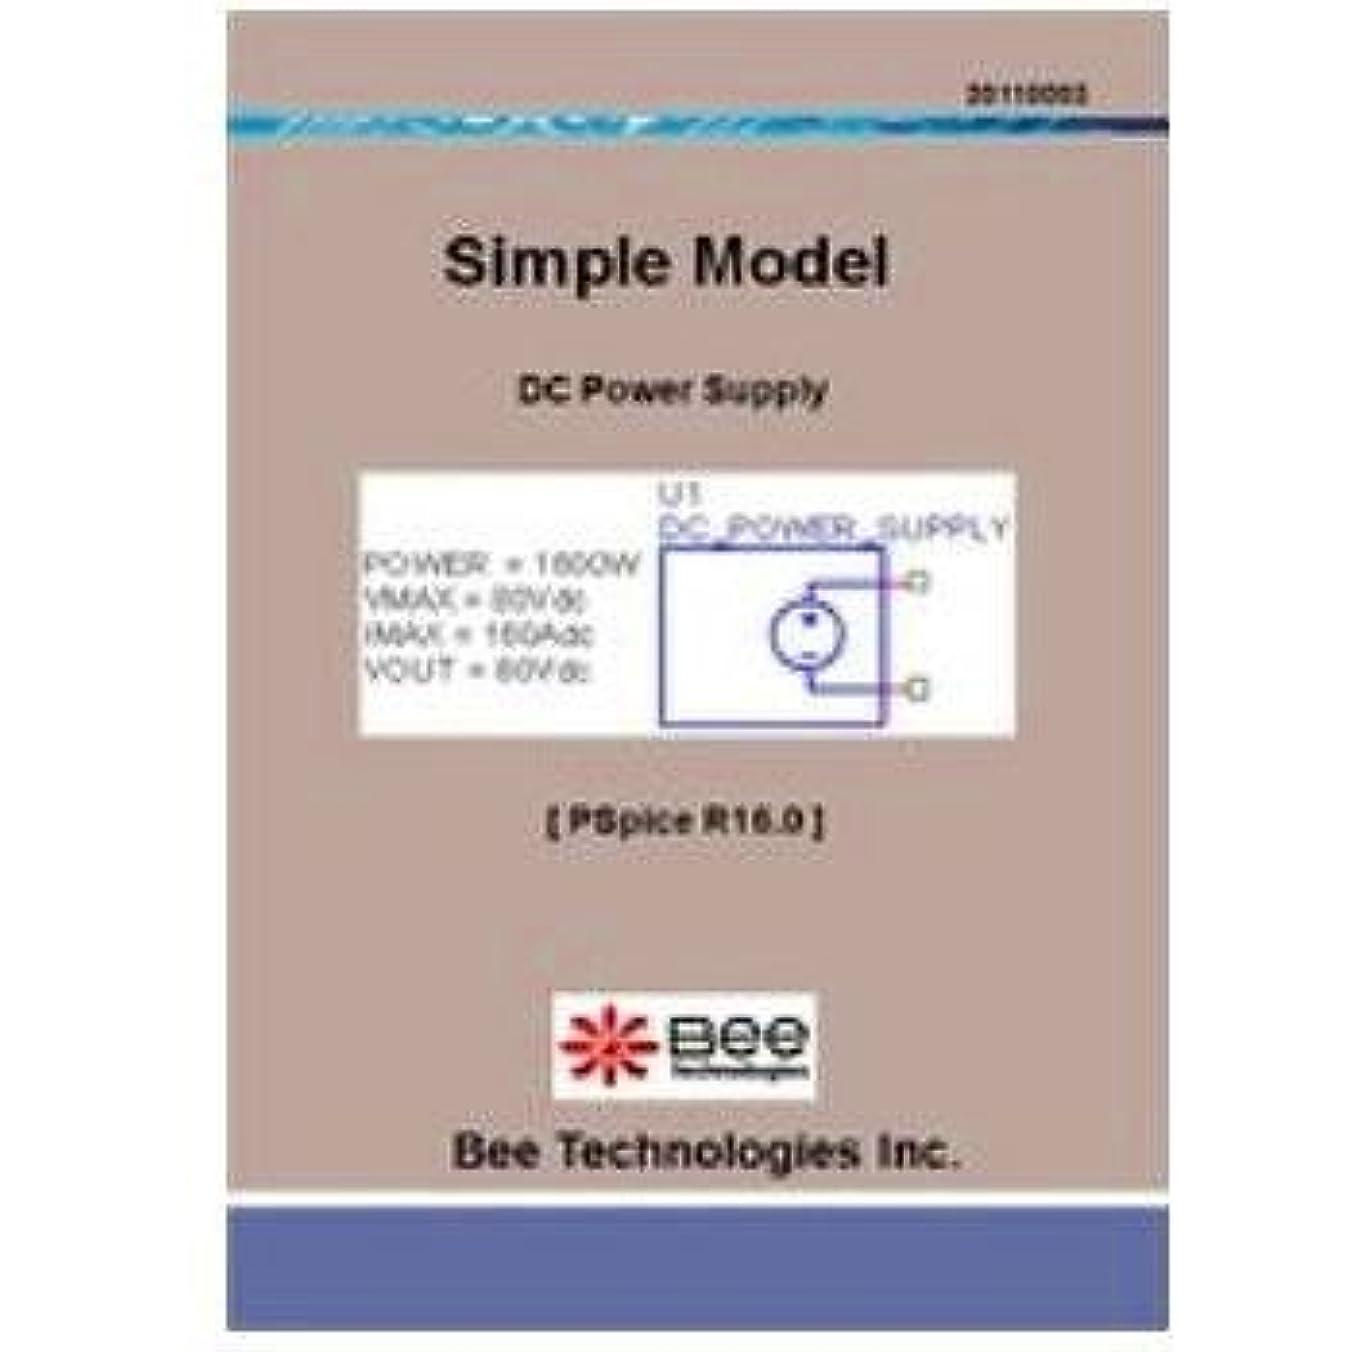 予防接種興味眩惑するBee Technologies DC電源モデル Pspice版 【SM-004】